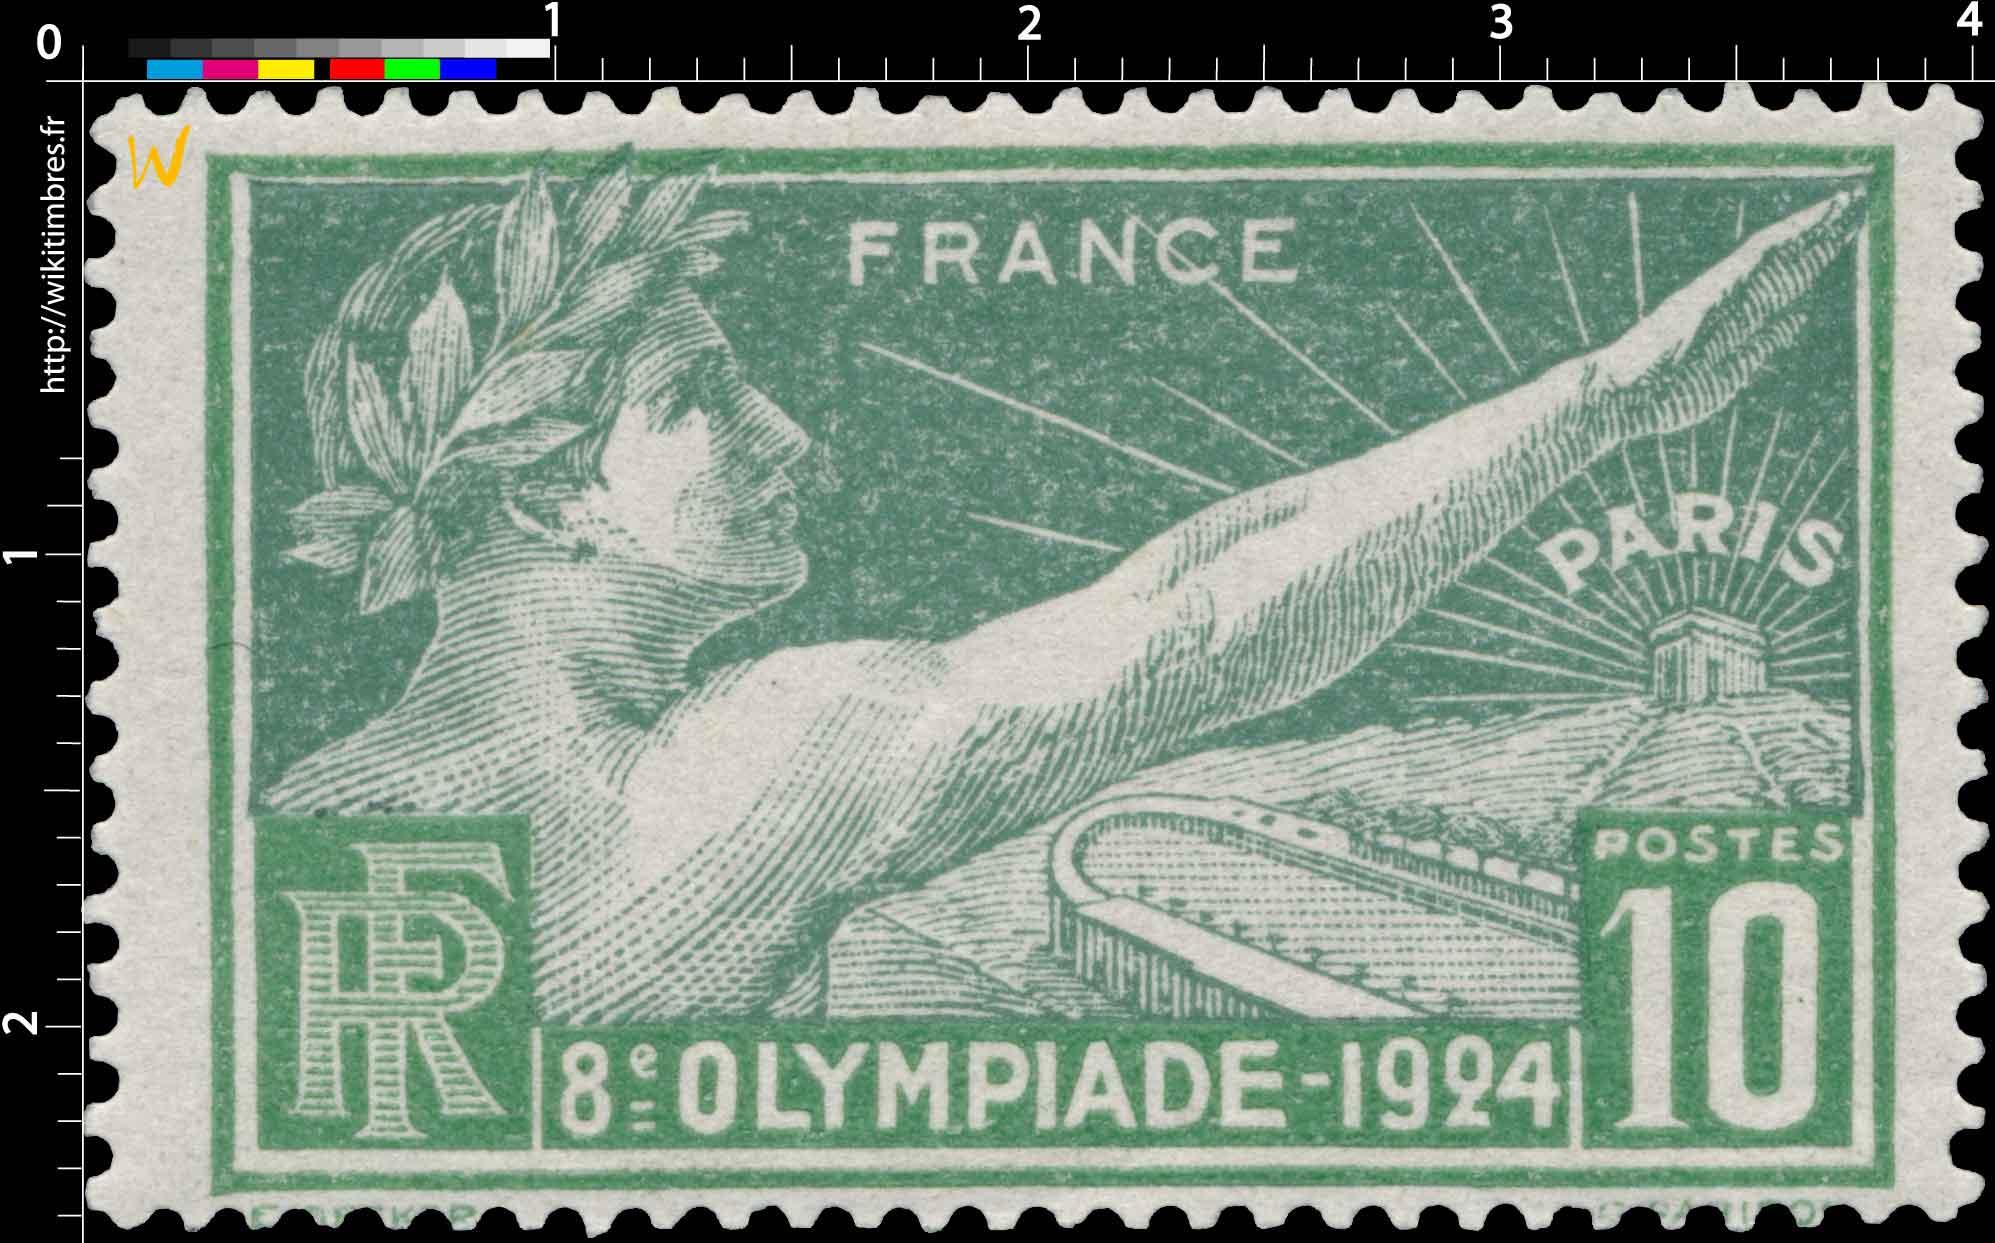 8e OLYMPIADE - 1924 PARIS